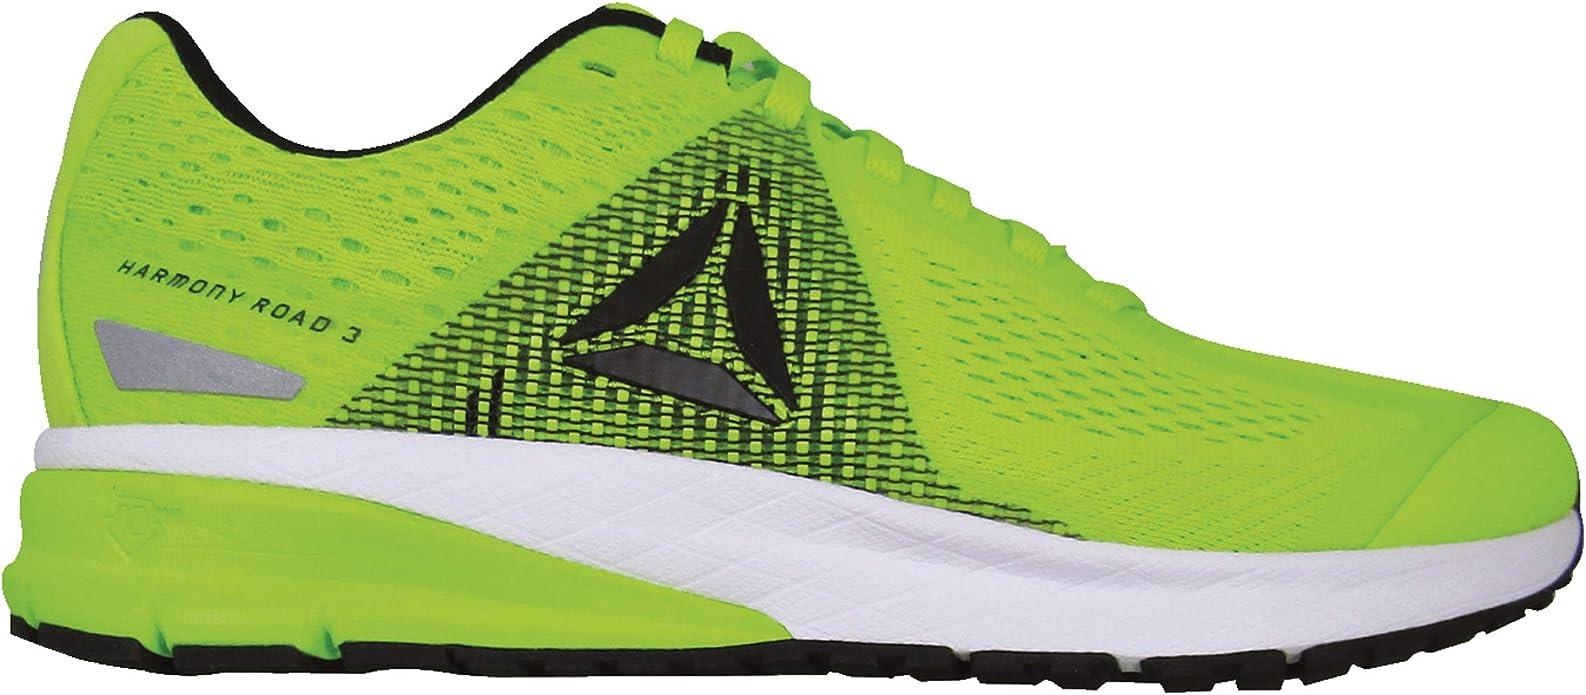 Reebok Harmony Road 3, Zapatillas de Running para Hombre: Amazon.es: Zapatos y complementos